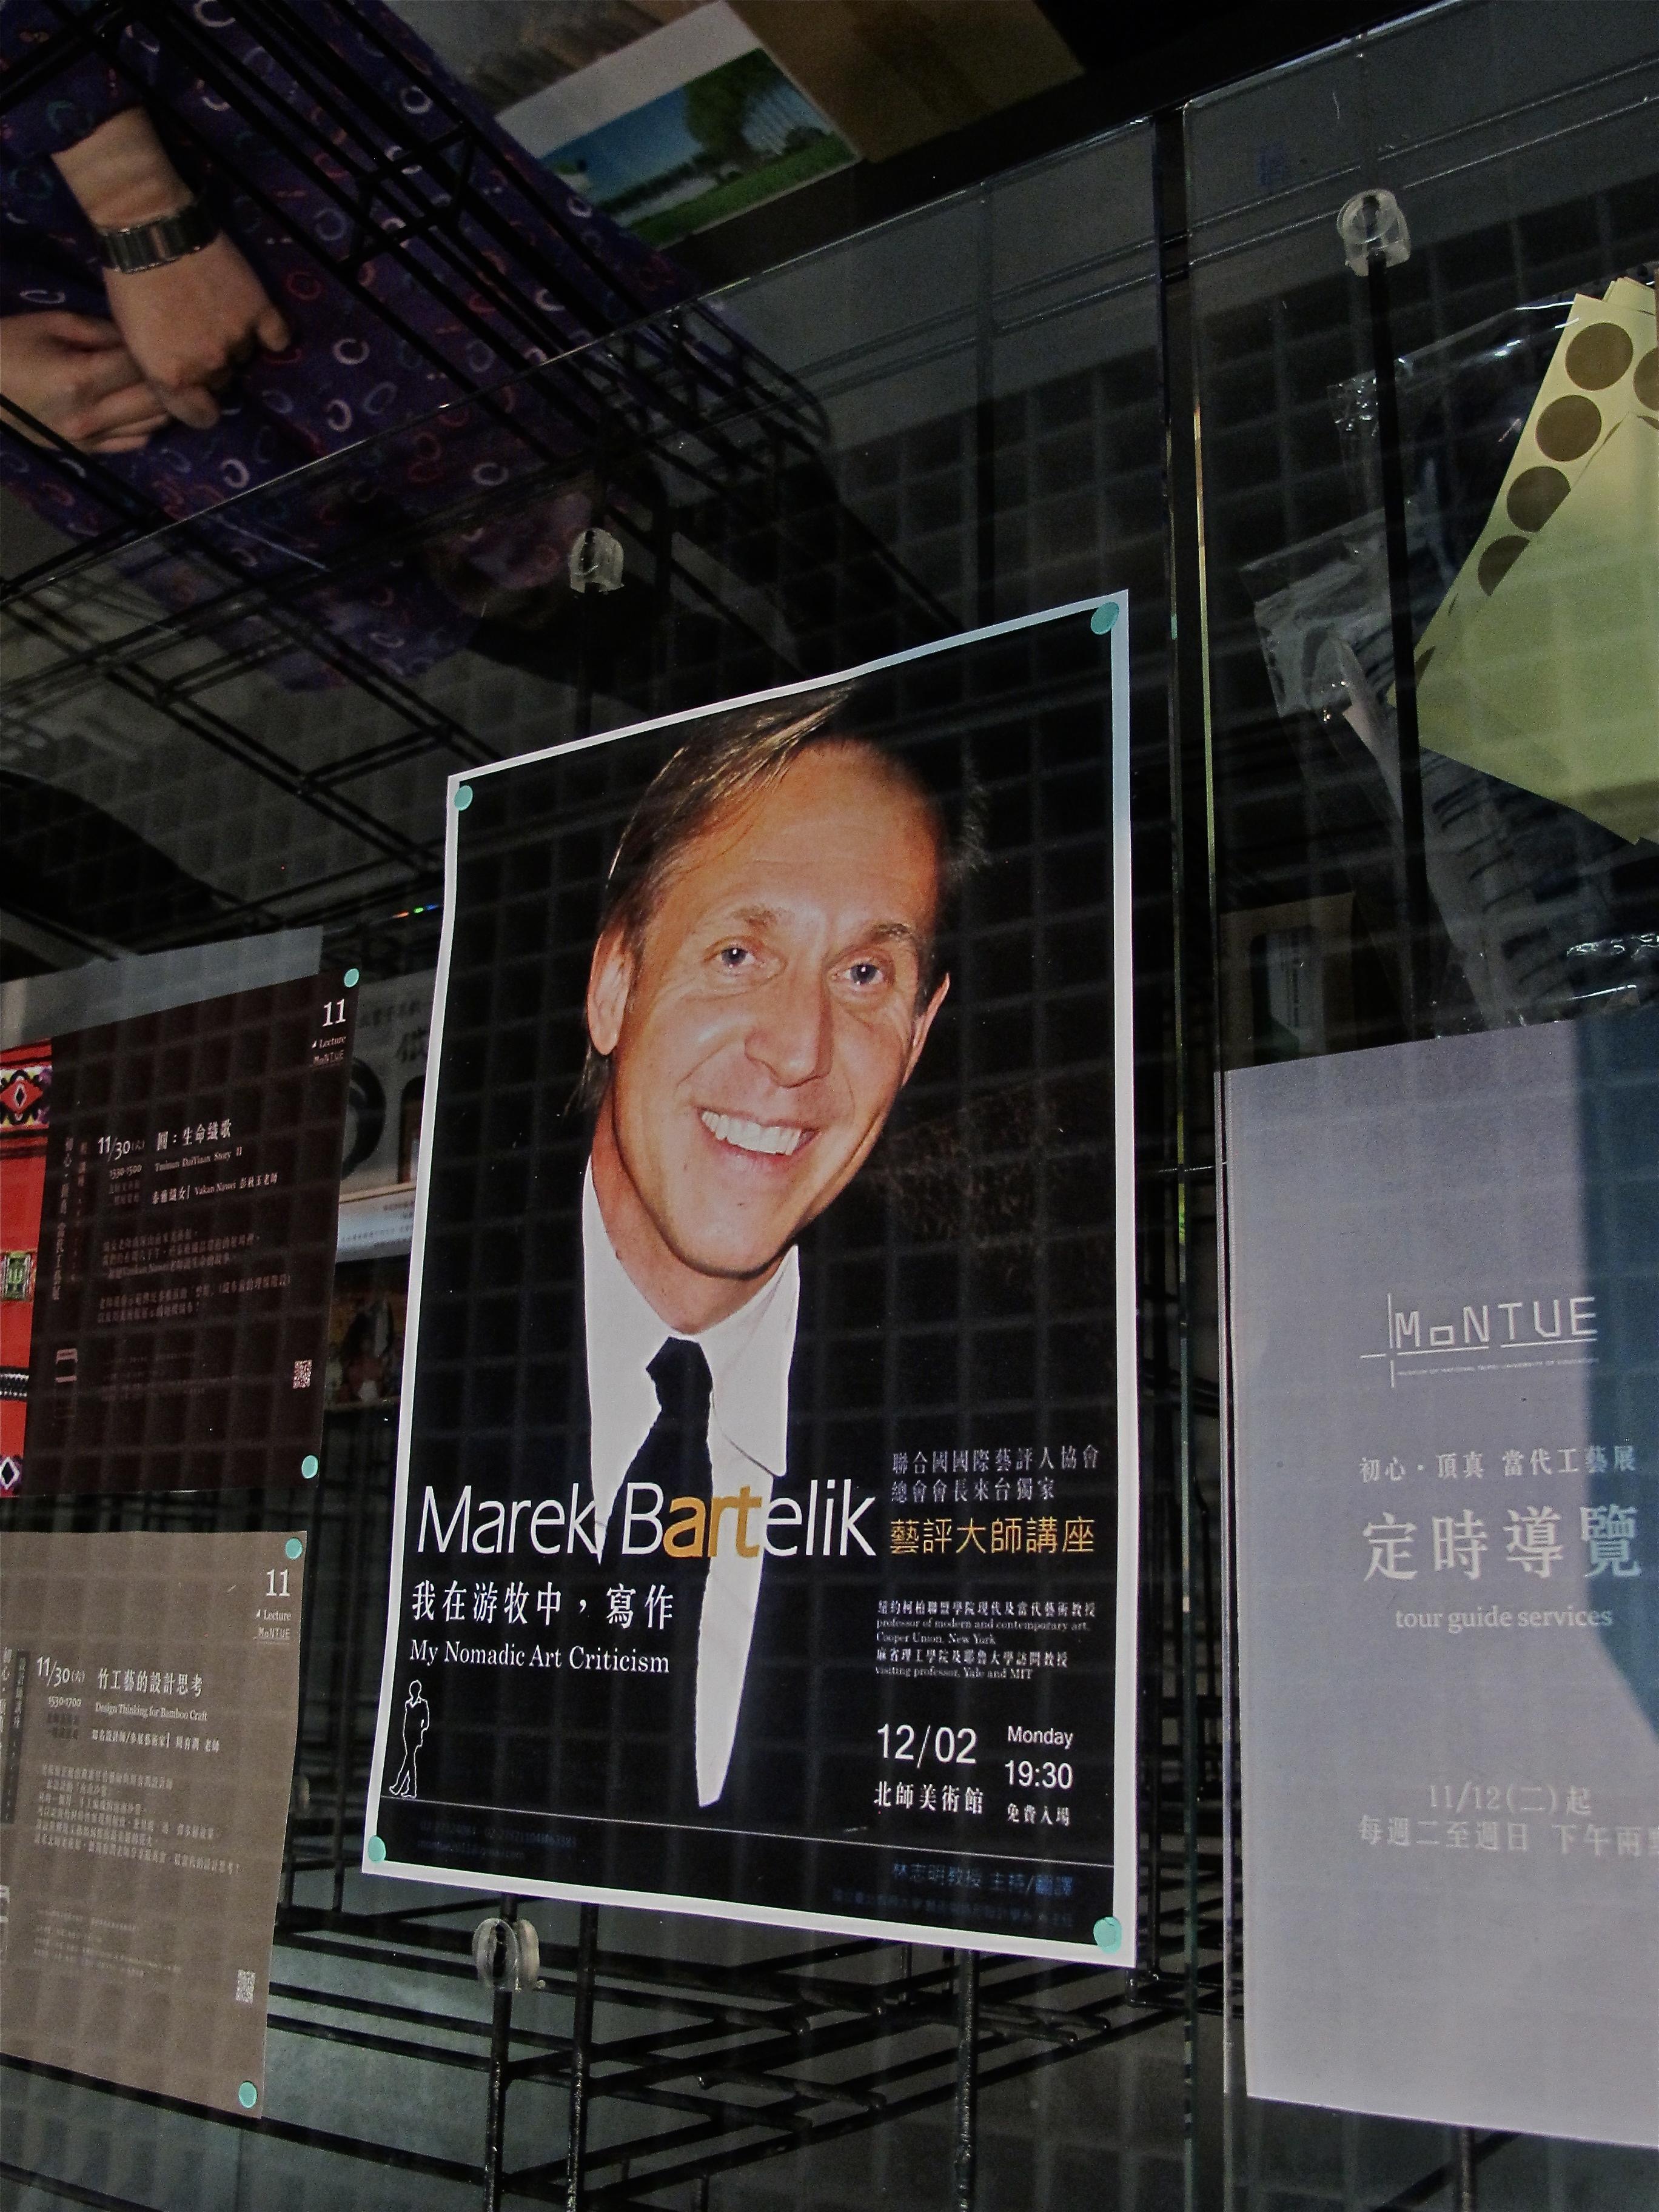 Najvyššie datovania lokalít NYC 2015